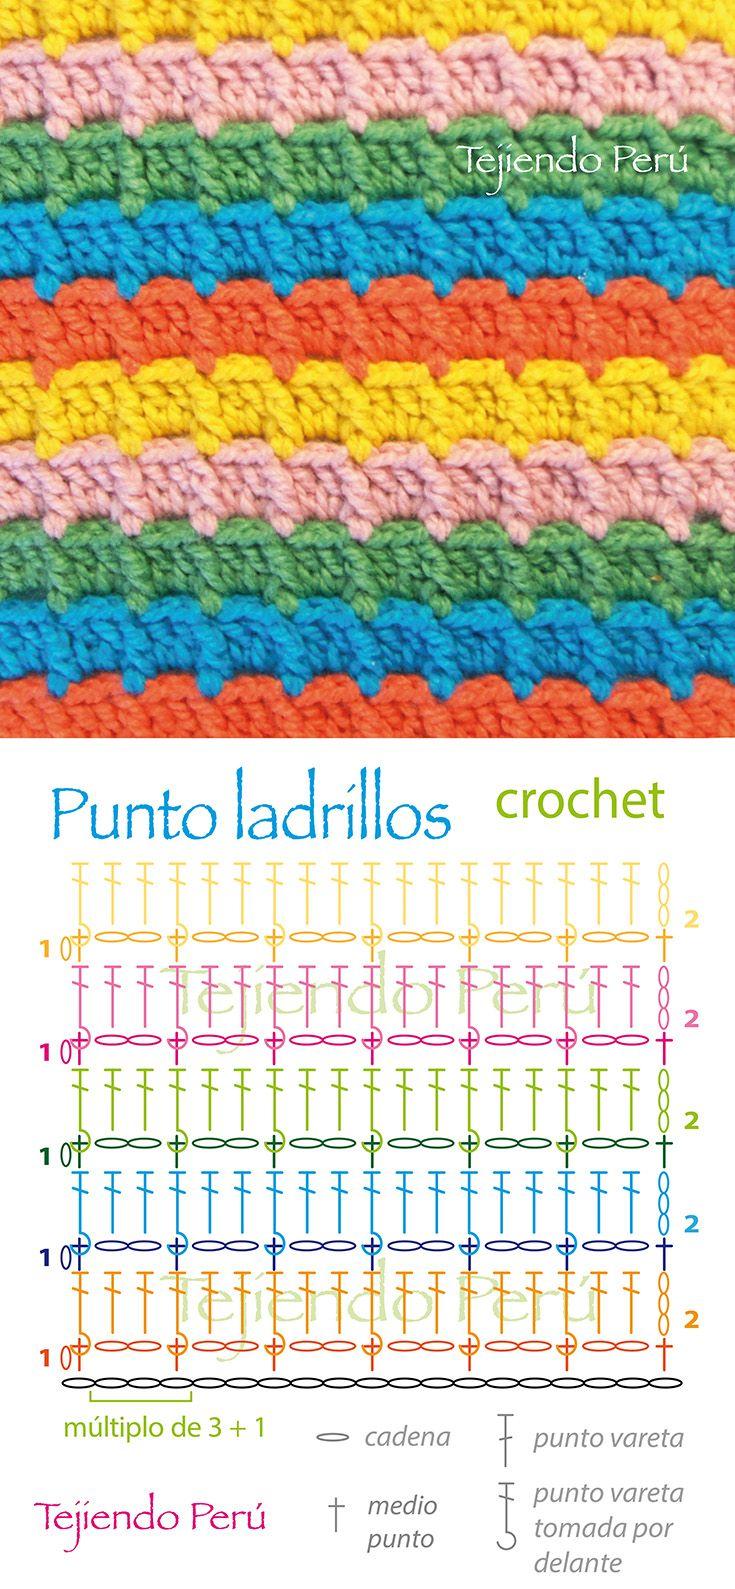 Crochet: punto ladrillos (diagrama o patrón) Pusimos el enlace al video tutorial de cómo hacer la vareta tomada por delante :)